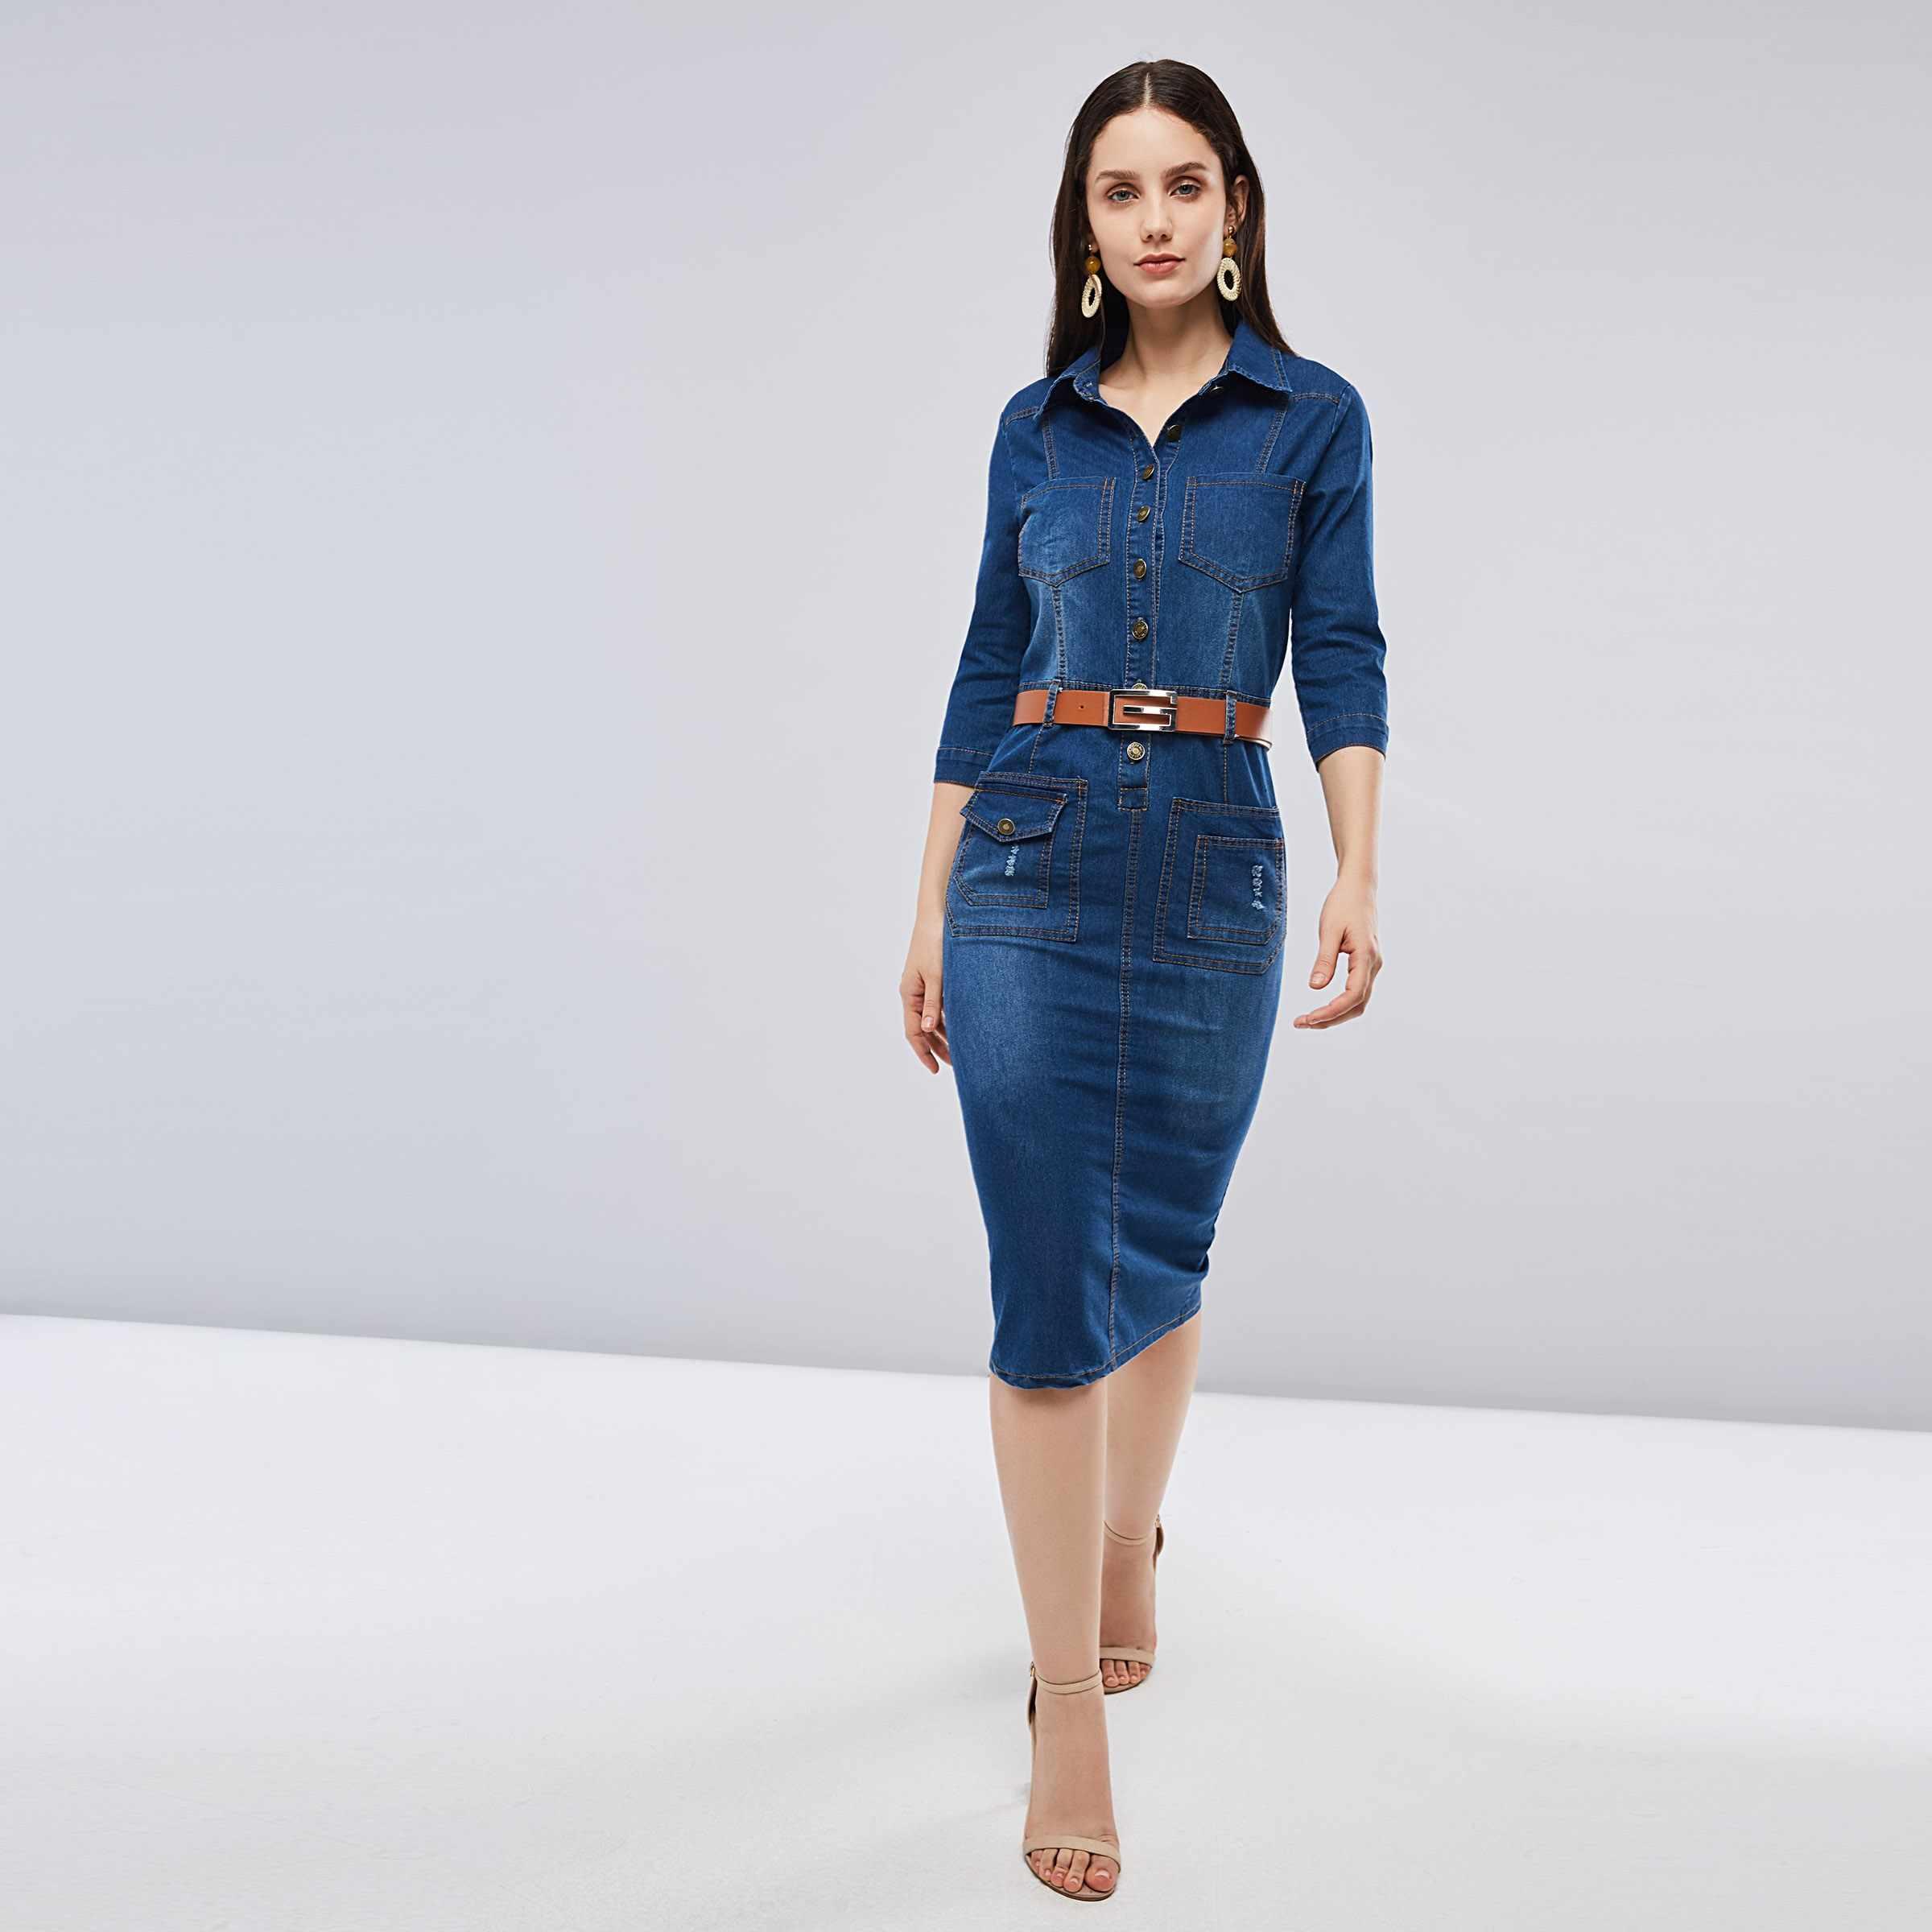 c8d6b7e0efd ... Sisjuly Women Spring Summer Dark Navy Blue Denim Shirt Dress Office  Lady Work Lapel Button Pocket ...